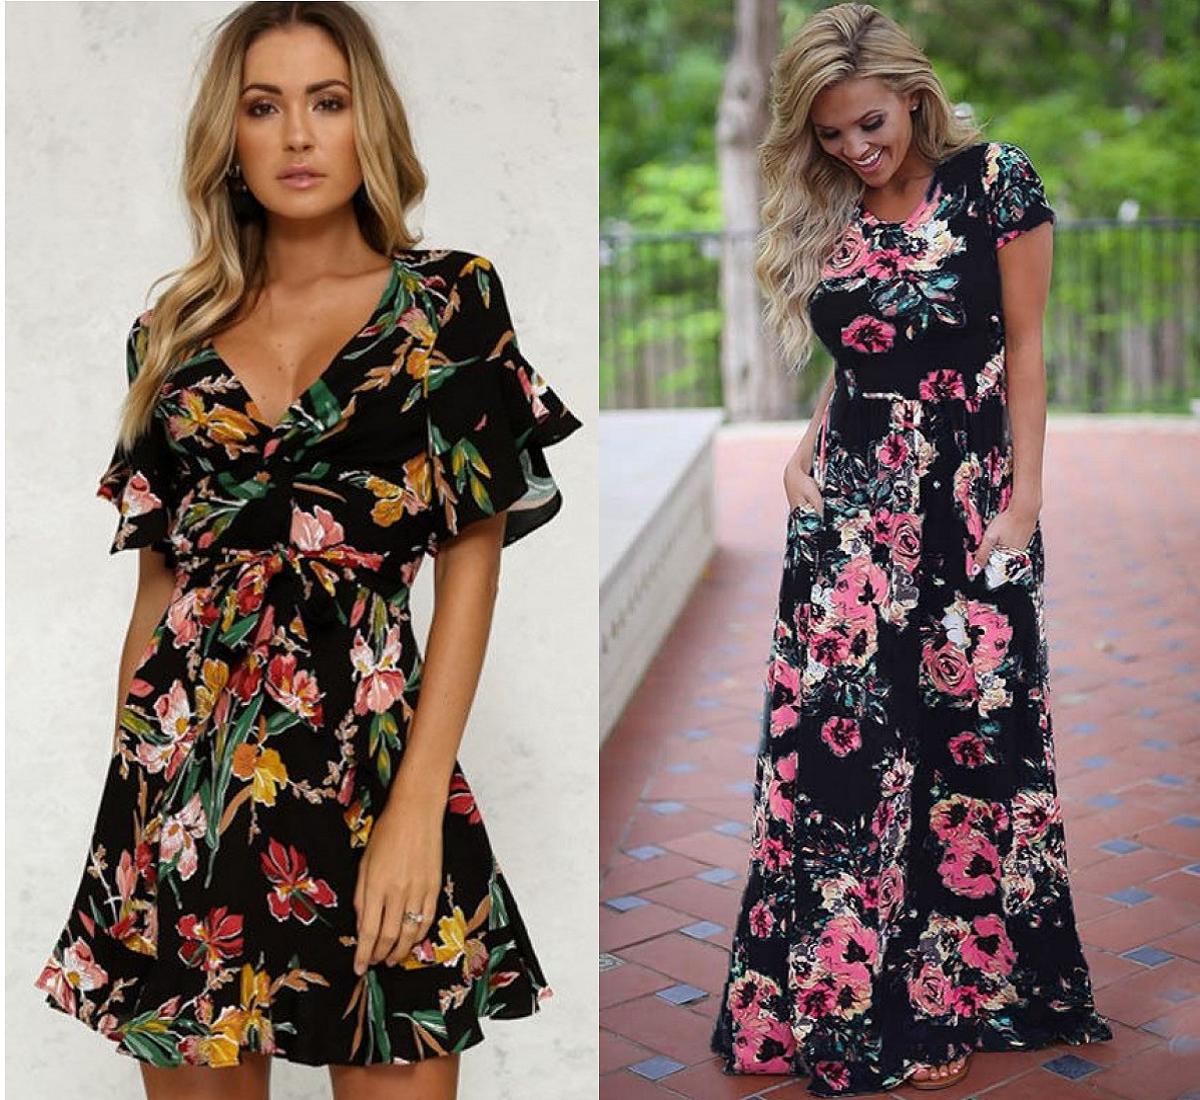 01f4d559e Hay una sección de vestidos estupenda para ir fresquitas este verano. A mí  me han gustado estos dos con estampado floral y fondo negro.